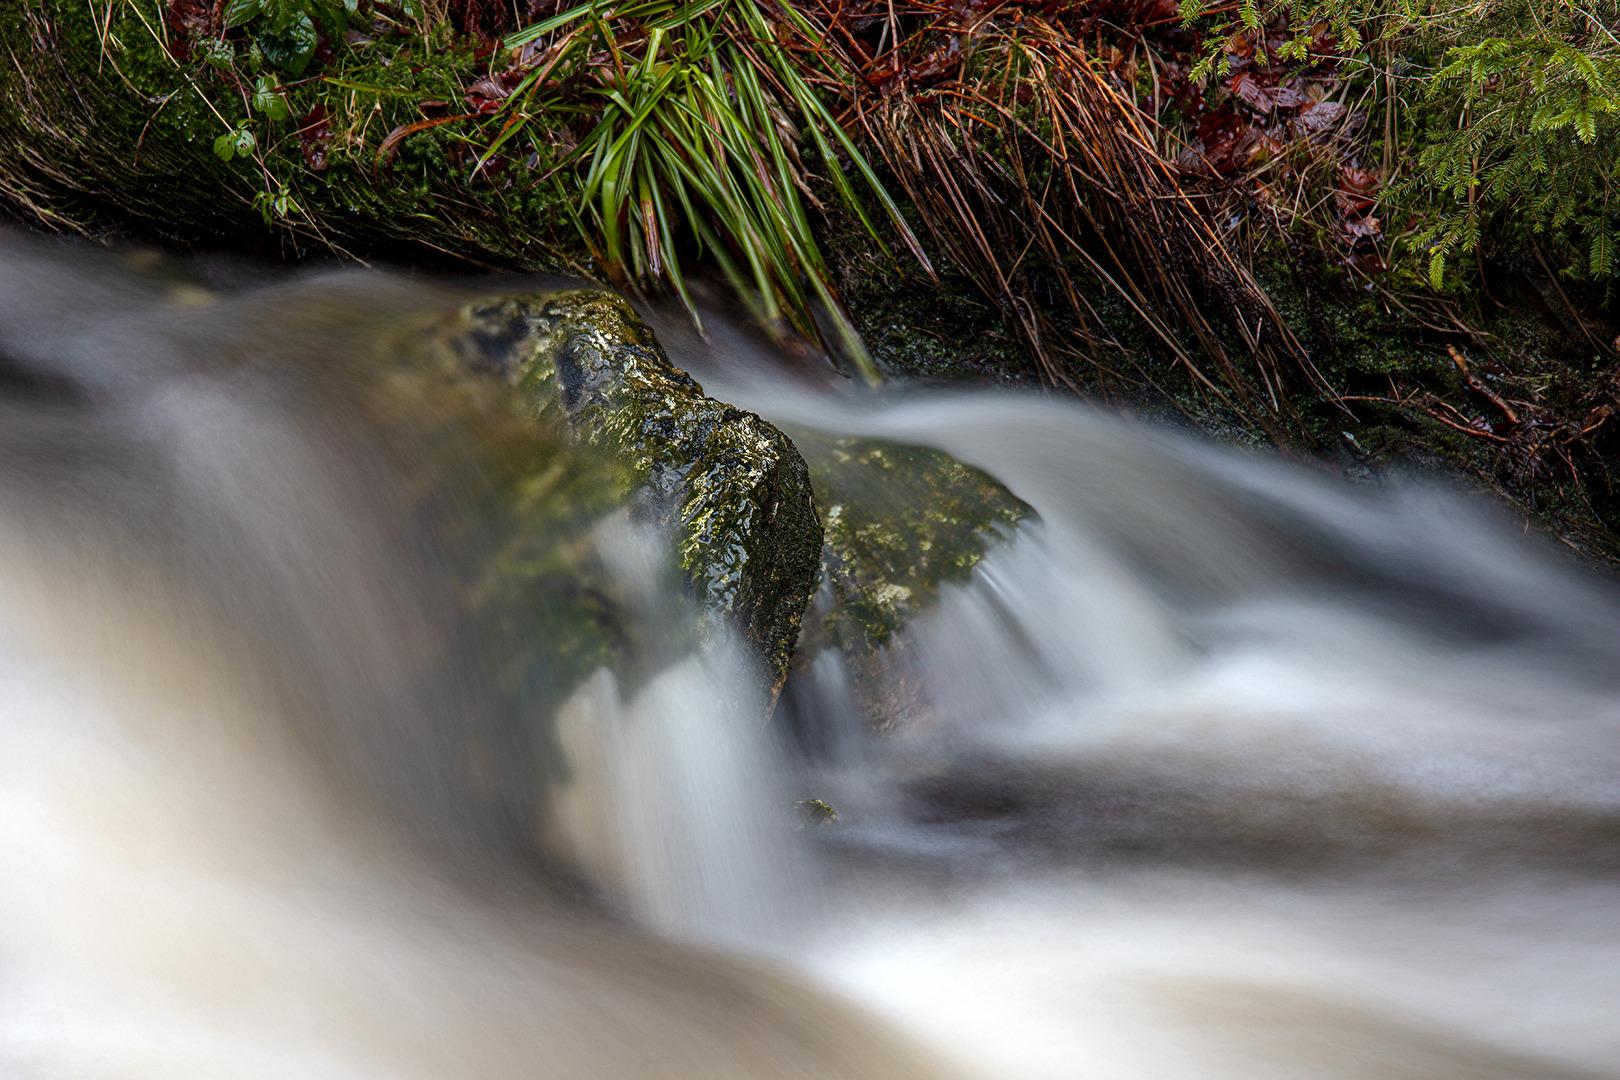 La roche dans l'eau